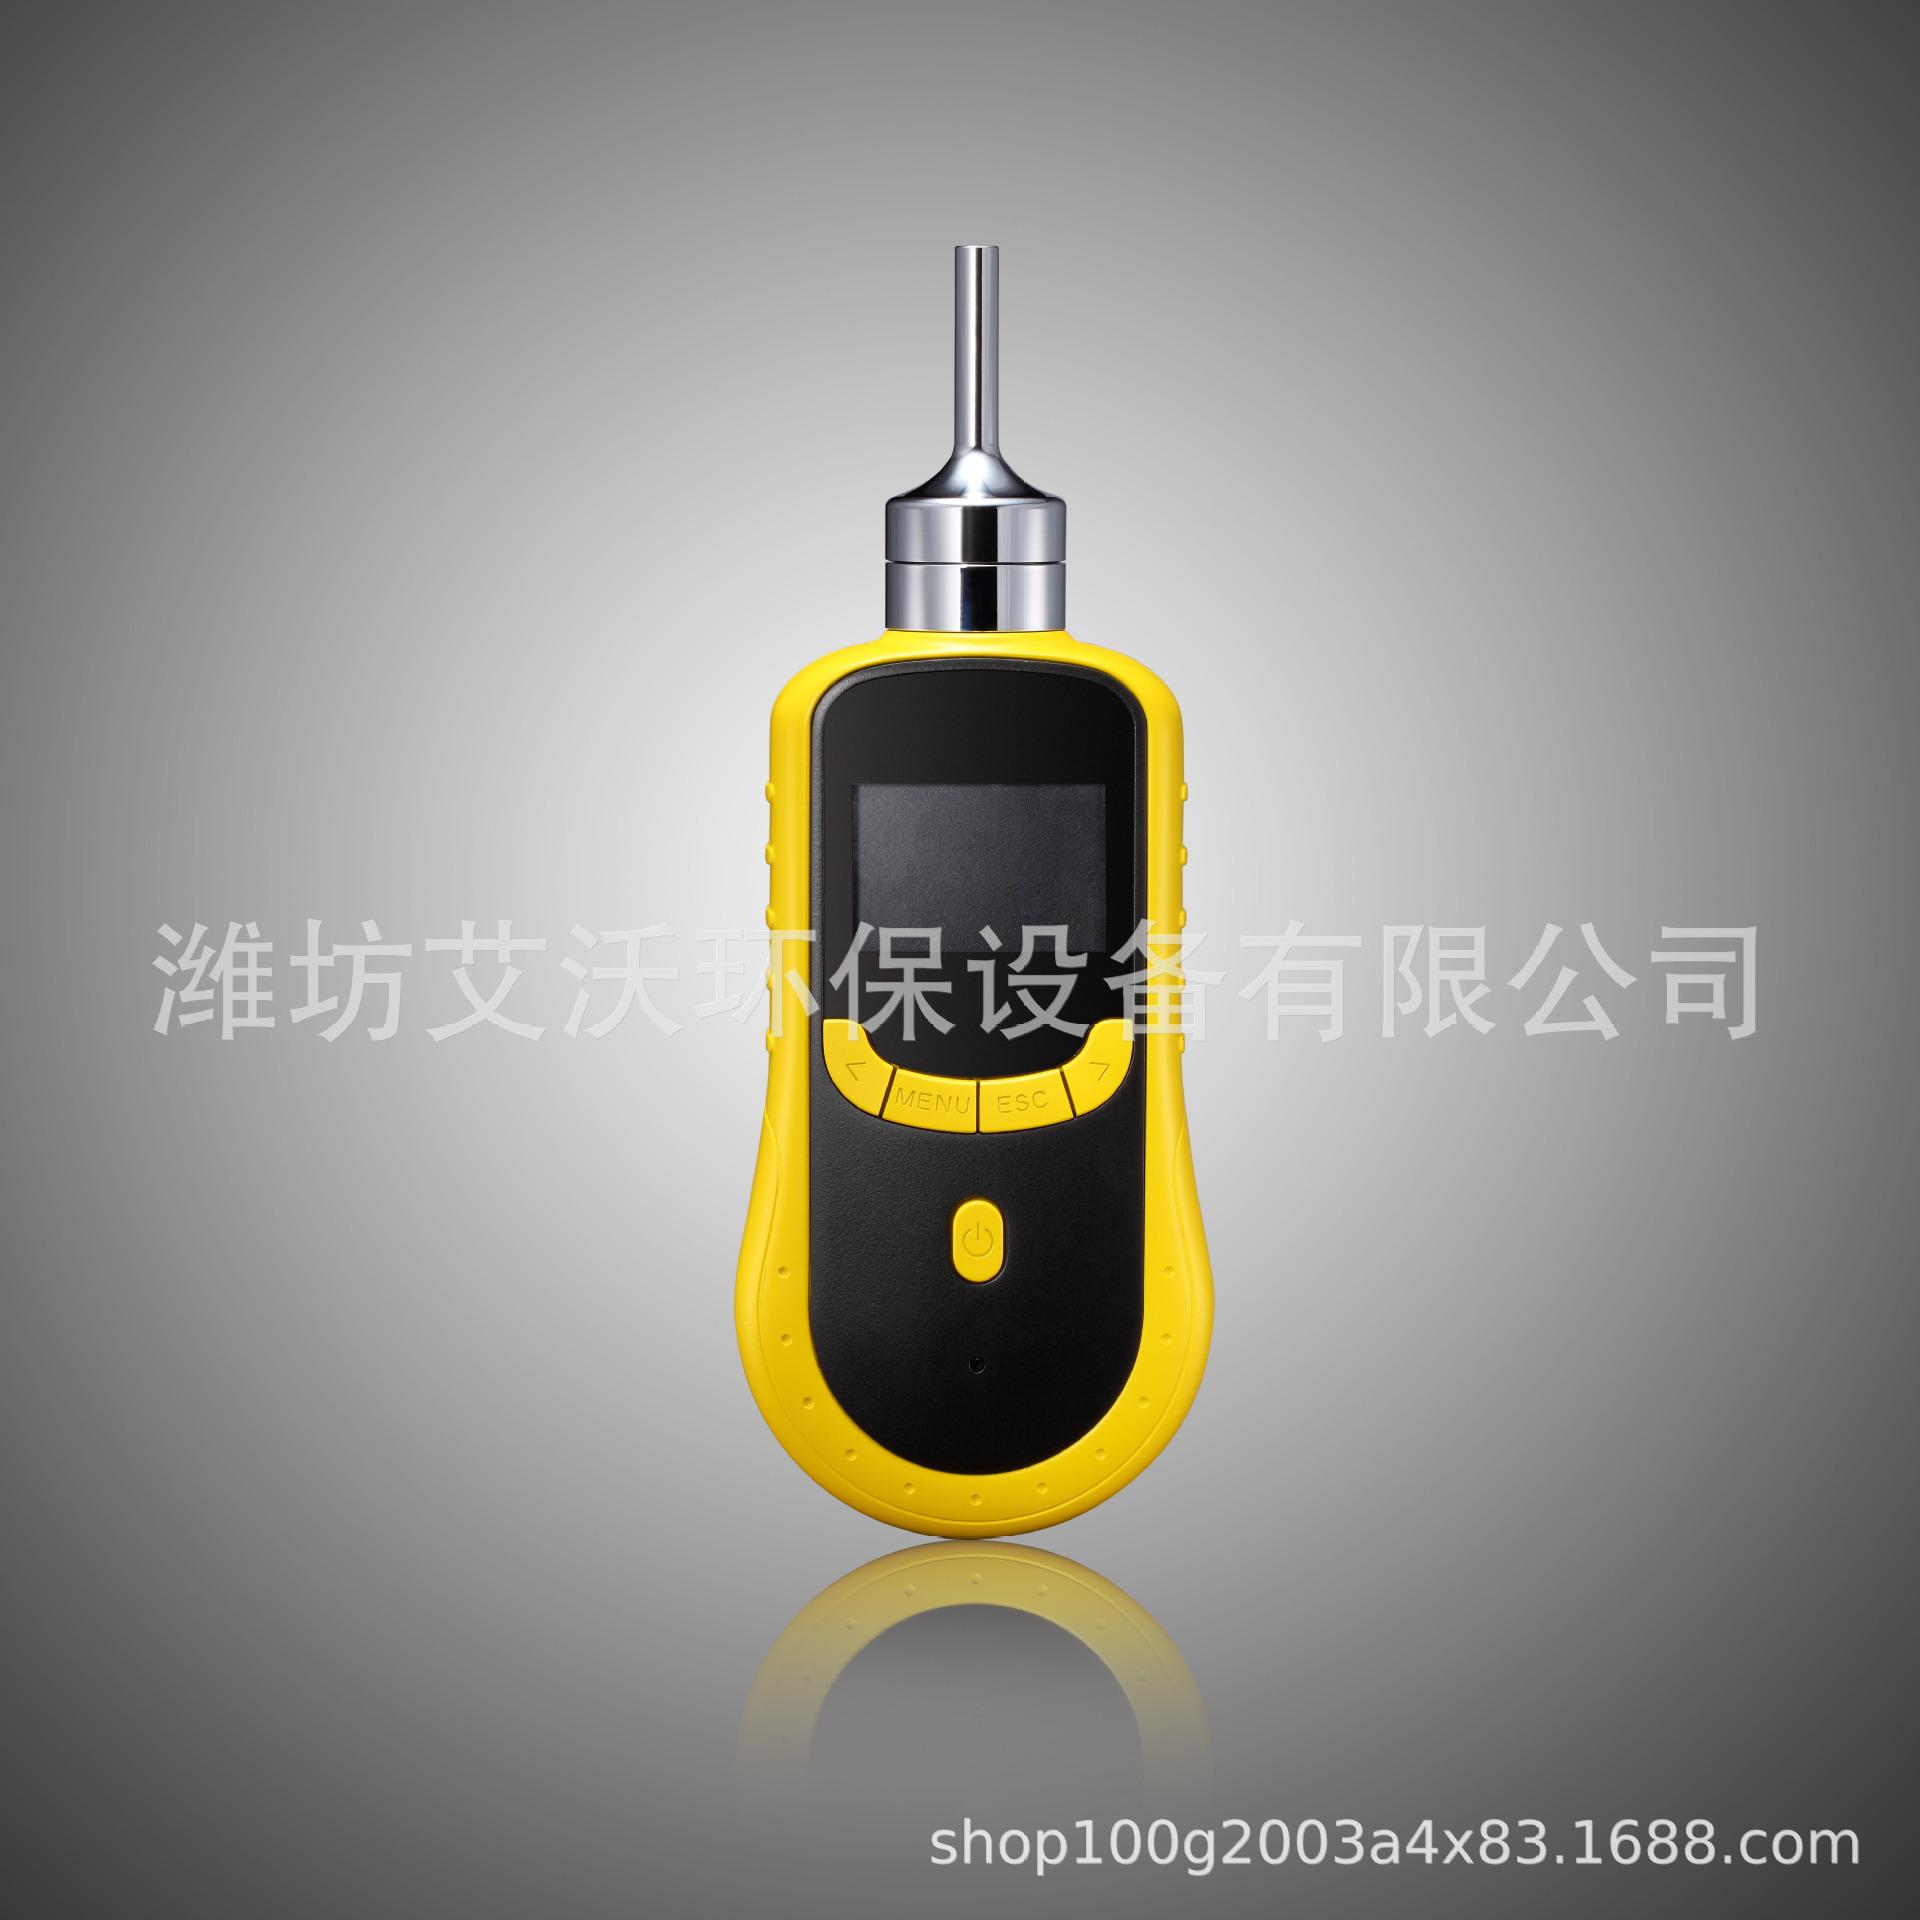 泵吸式一氧化碳检测仪便携式一氧化碳检测仪 煤气检测仪